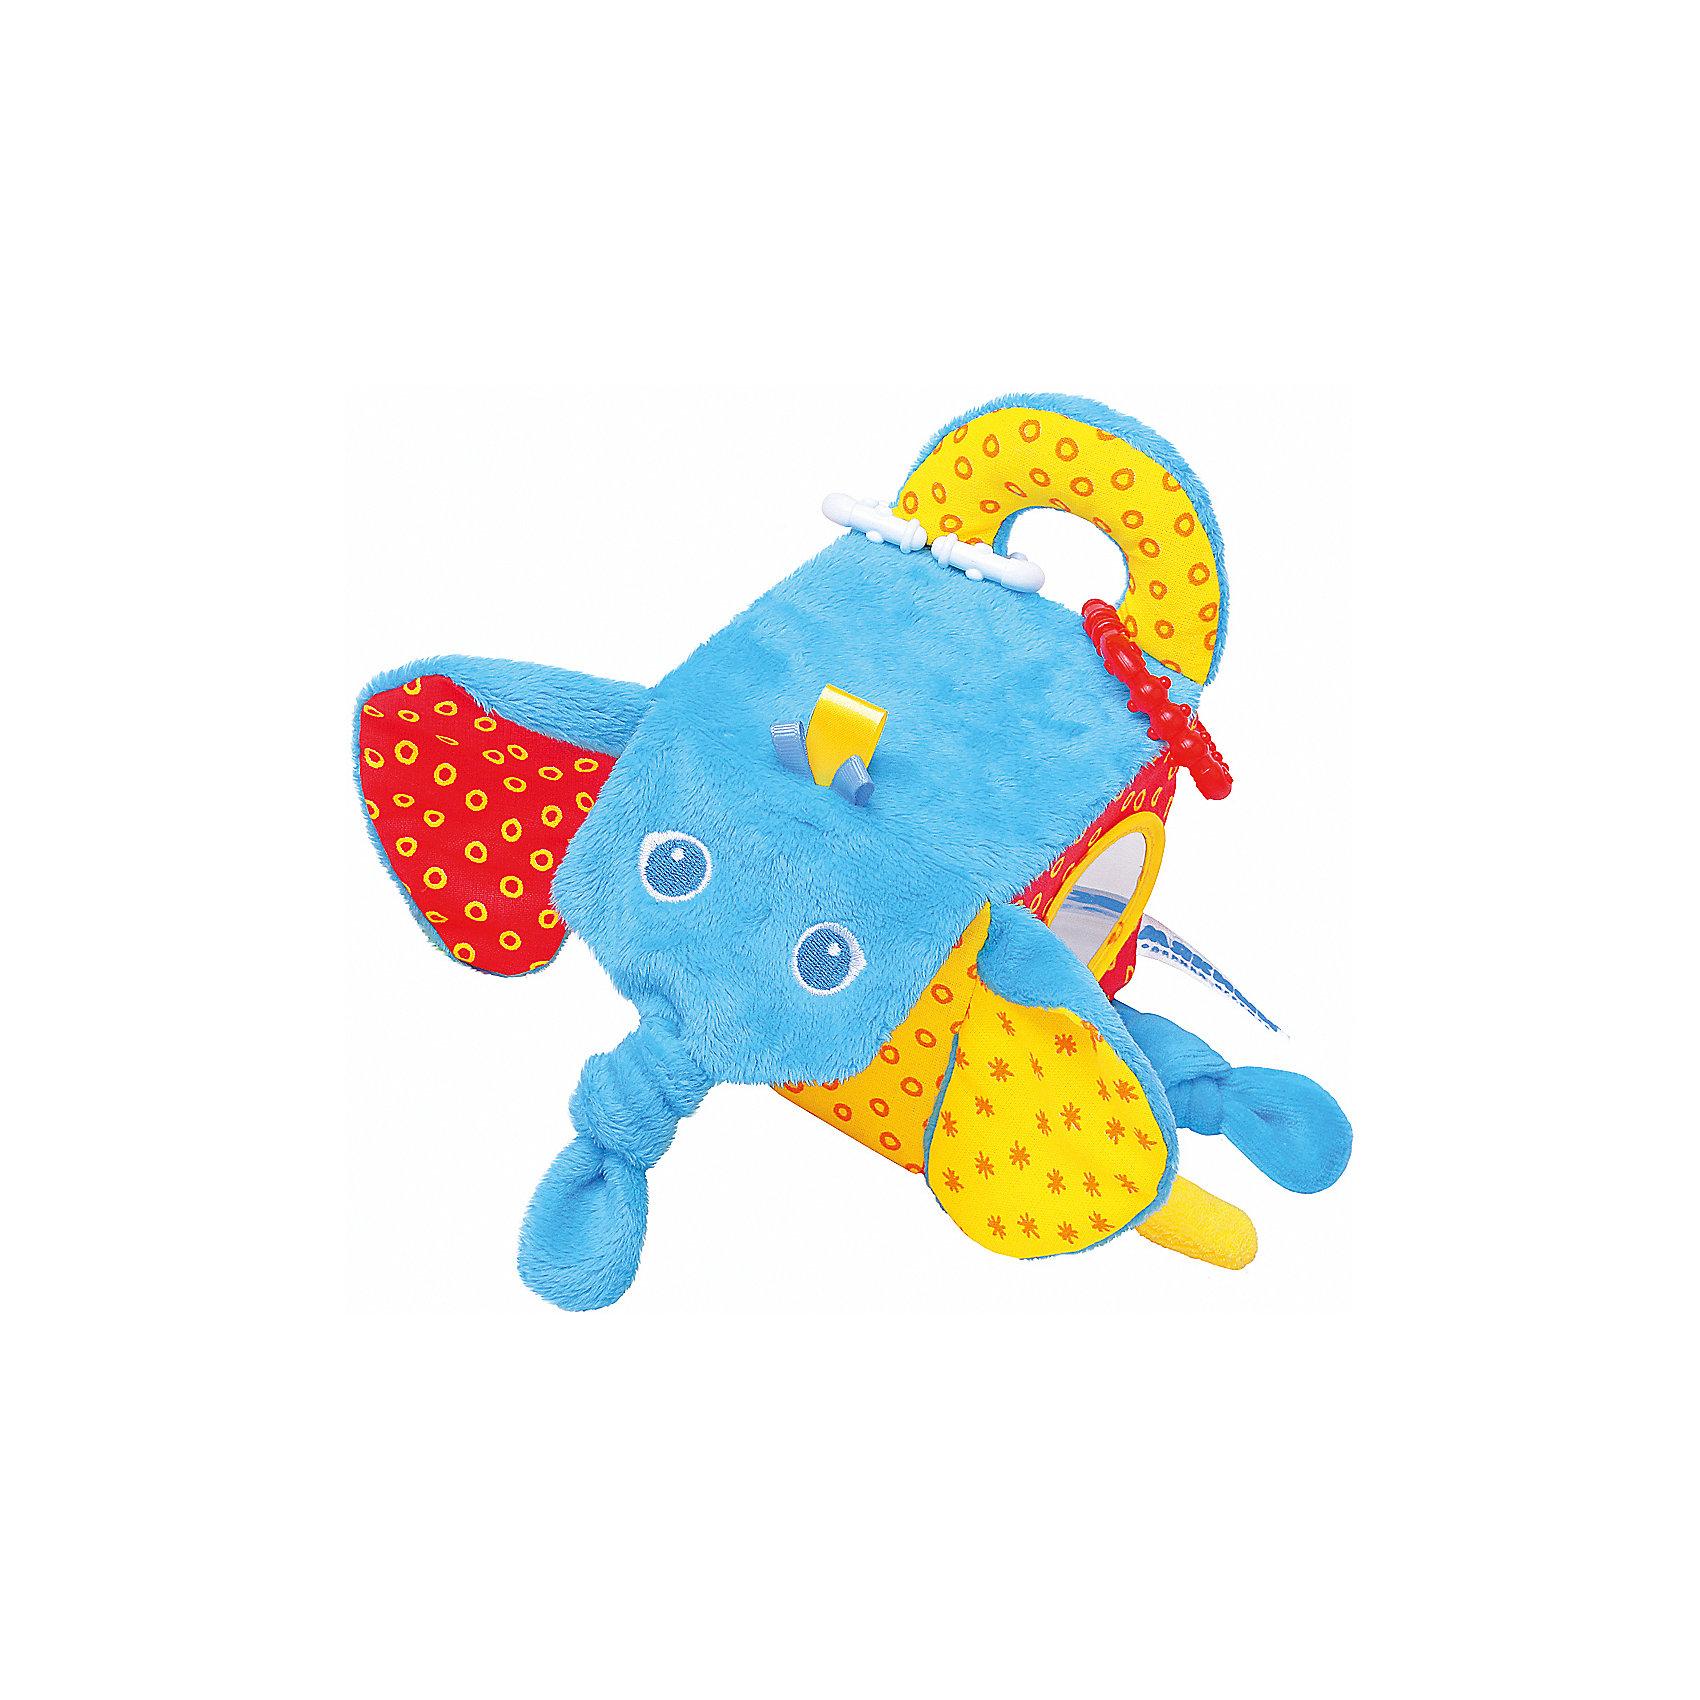 Кубик Слон, МякишиХарактеристики товара:<br><br>• материал: разнофактурный текстиль, поролон<br>• комплектация: 1 шт<br>• размер игрушки: 5х20х10 см<br>• звуковой элемент<br>• подвес<br>• прорезыватель<br>• развивающая игрушка<br>• упаковка: картон<br>• страна бренда: РФ<br>• страна изготовитель: РФ<br><br>Малыши активно познают мир и тянутся к новой информации. Чтобы сделать процесс изучения окружающего пространства интереснее, ребенку можно подарить развивающие игрушки. В процессе игры информация усваивается намного лучше!<br>Такие игрушки помогут занять малыша, играть ими приятно и весело. Одновременно они позволят познакомиться со многими цветами, фактурами, а также научиться извлекать звук. Подобные игрушки развивают тактильные ощущения, моторику, цветовосприятие, логику, воображение, учат фокусировать внимание. Каждое изделие абсолютно безопасно – оно создано из качественной ткани с мягким наполнителем. Игрушки производятся из качественных и проверенных материалов, которые безопасны для детей.<br><br>Кубик Слон от бренда Мякиши можно купить в нашем интернет-магазине.<br><br>Ширина мм: 155<br>Глубина мм: 200<br>Высота мм: 100<br>Вес г: 90<br>Возраст от месяцев: 12<br>Возраст до месяцев: 36<br>Пол: Унисекс<br>Возраст: Детский<br>SKU: 5183212